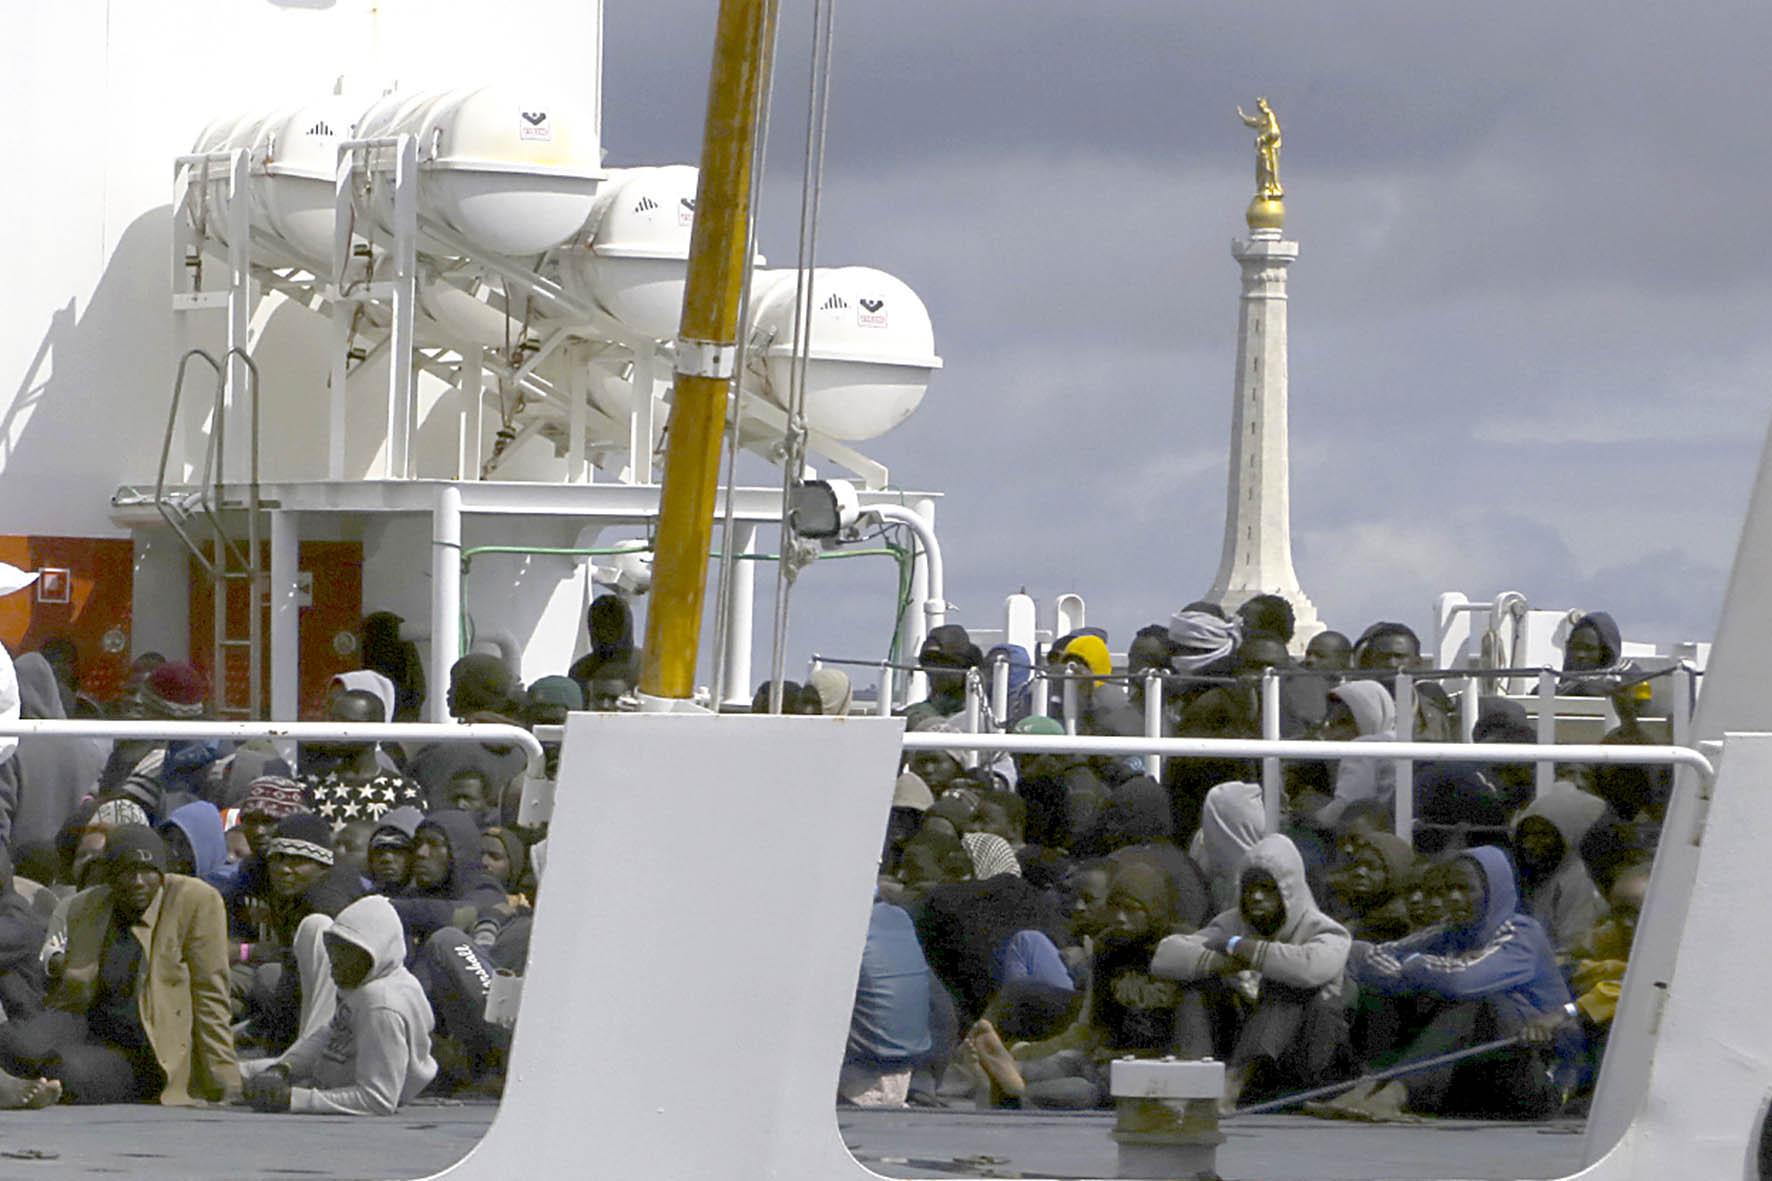 Sbarco di migranti, quattro presunti scafisti arrestati dalla polizia